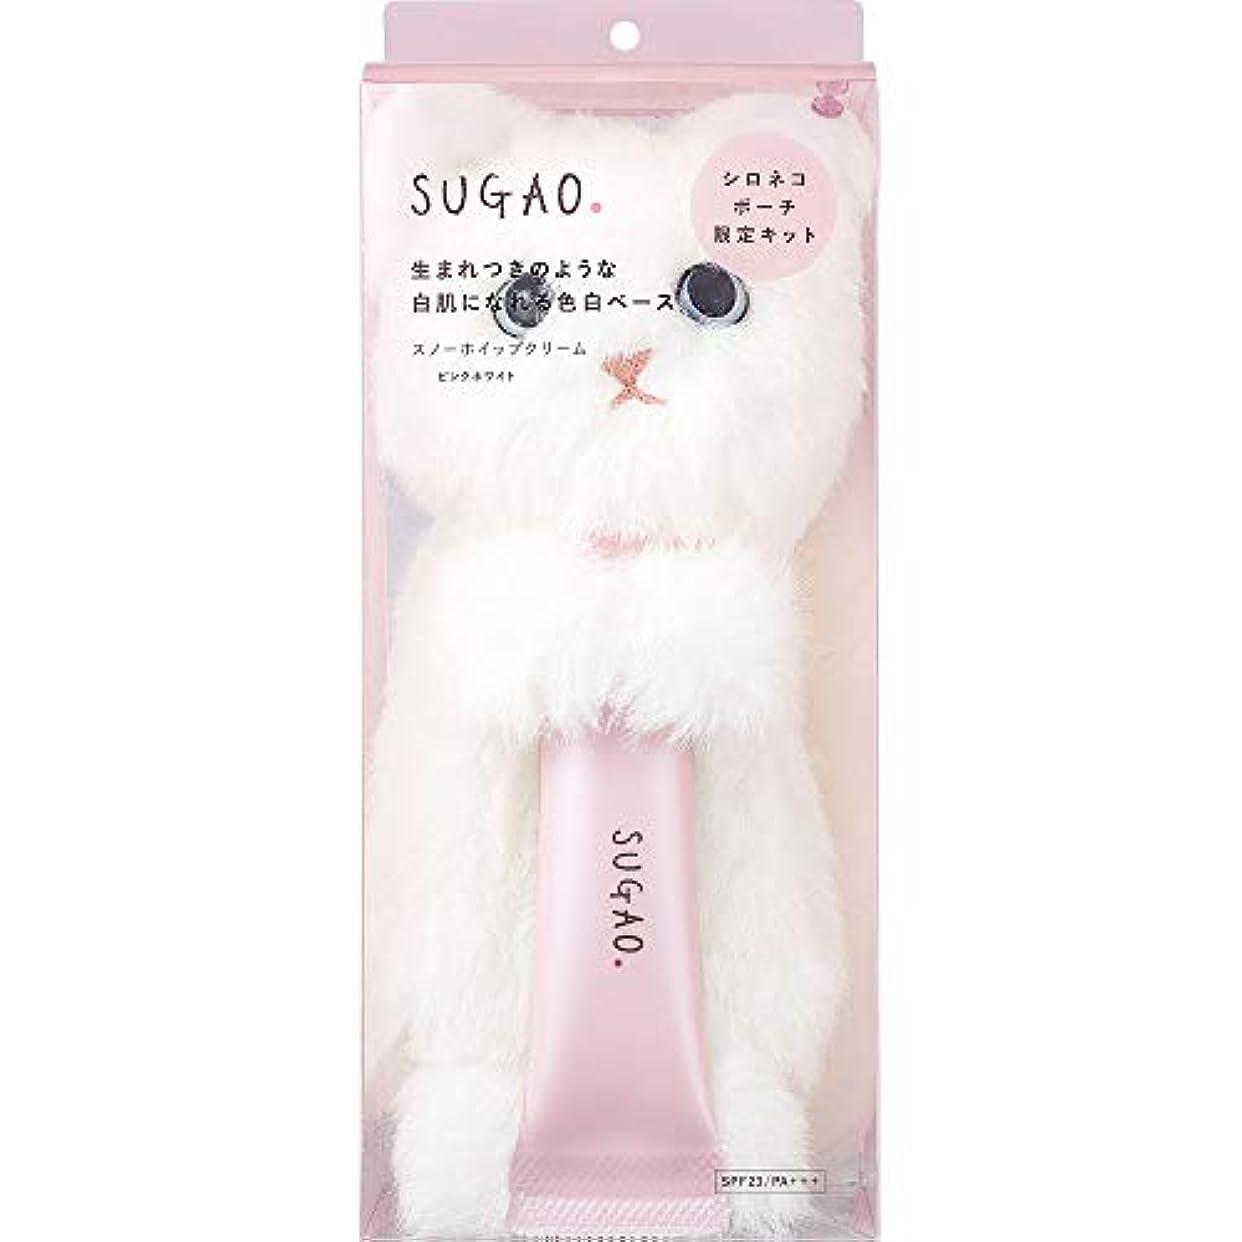 経度原始的なイサカスガオ (SUGAO) 化粧下地 スノーホイップクリーム シロネコポーチ付き